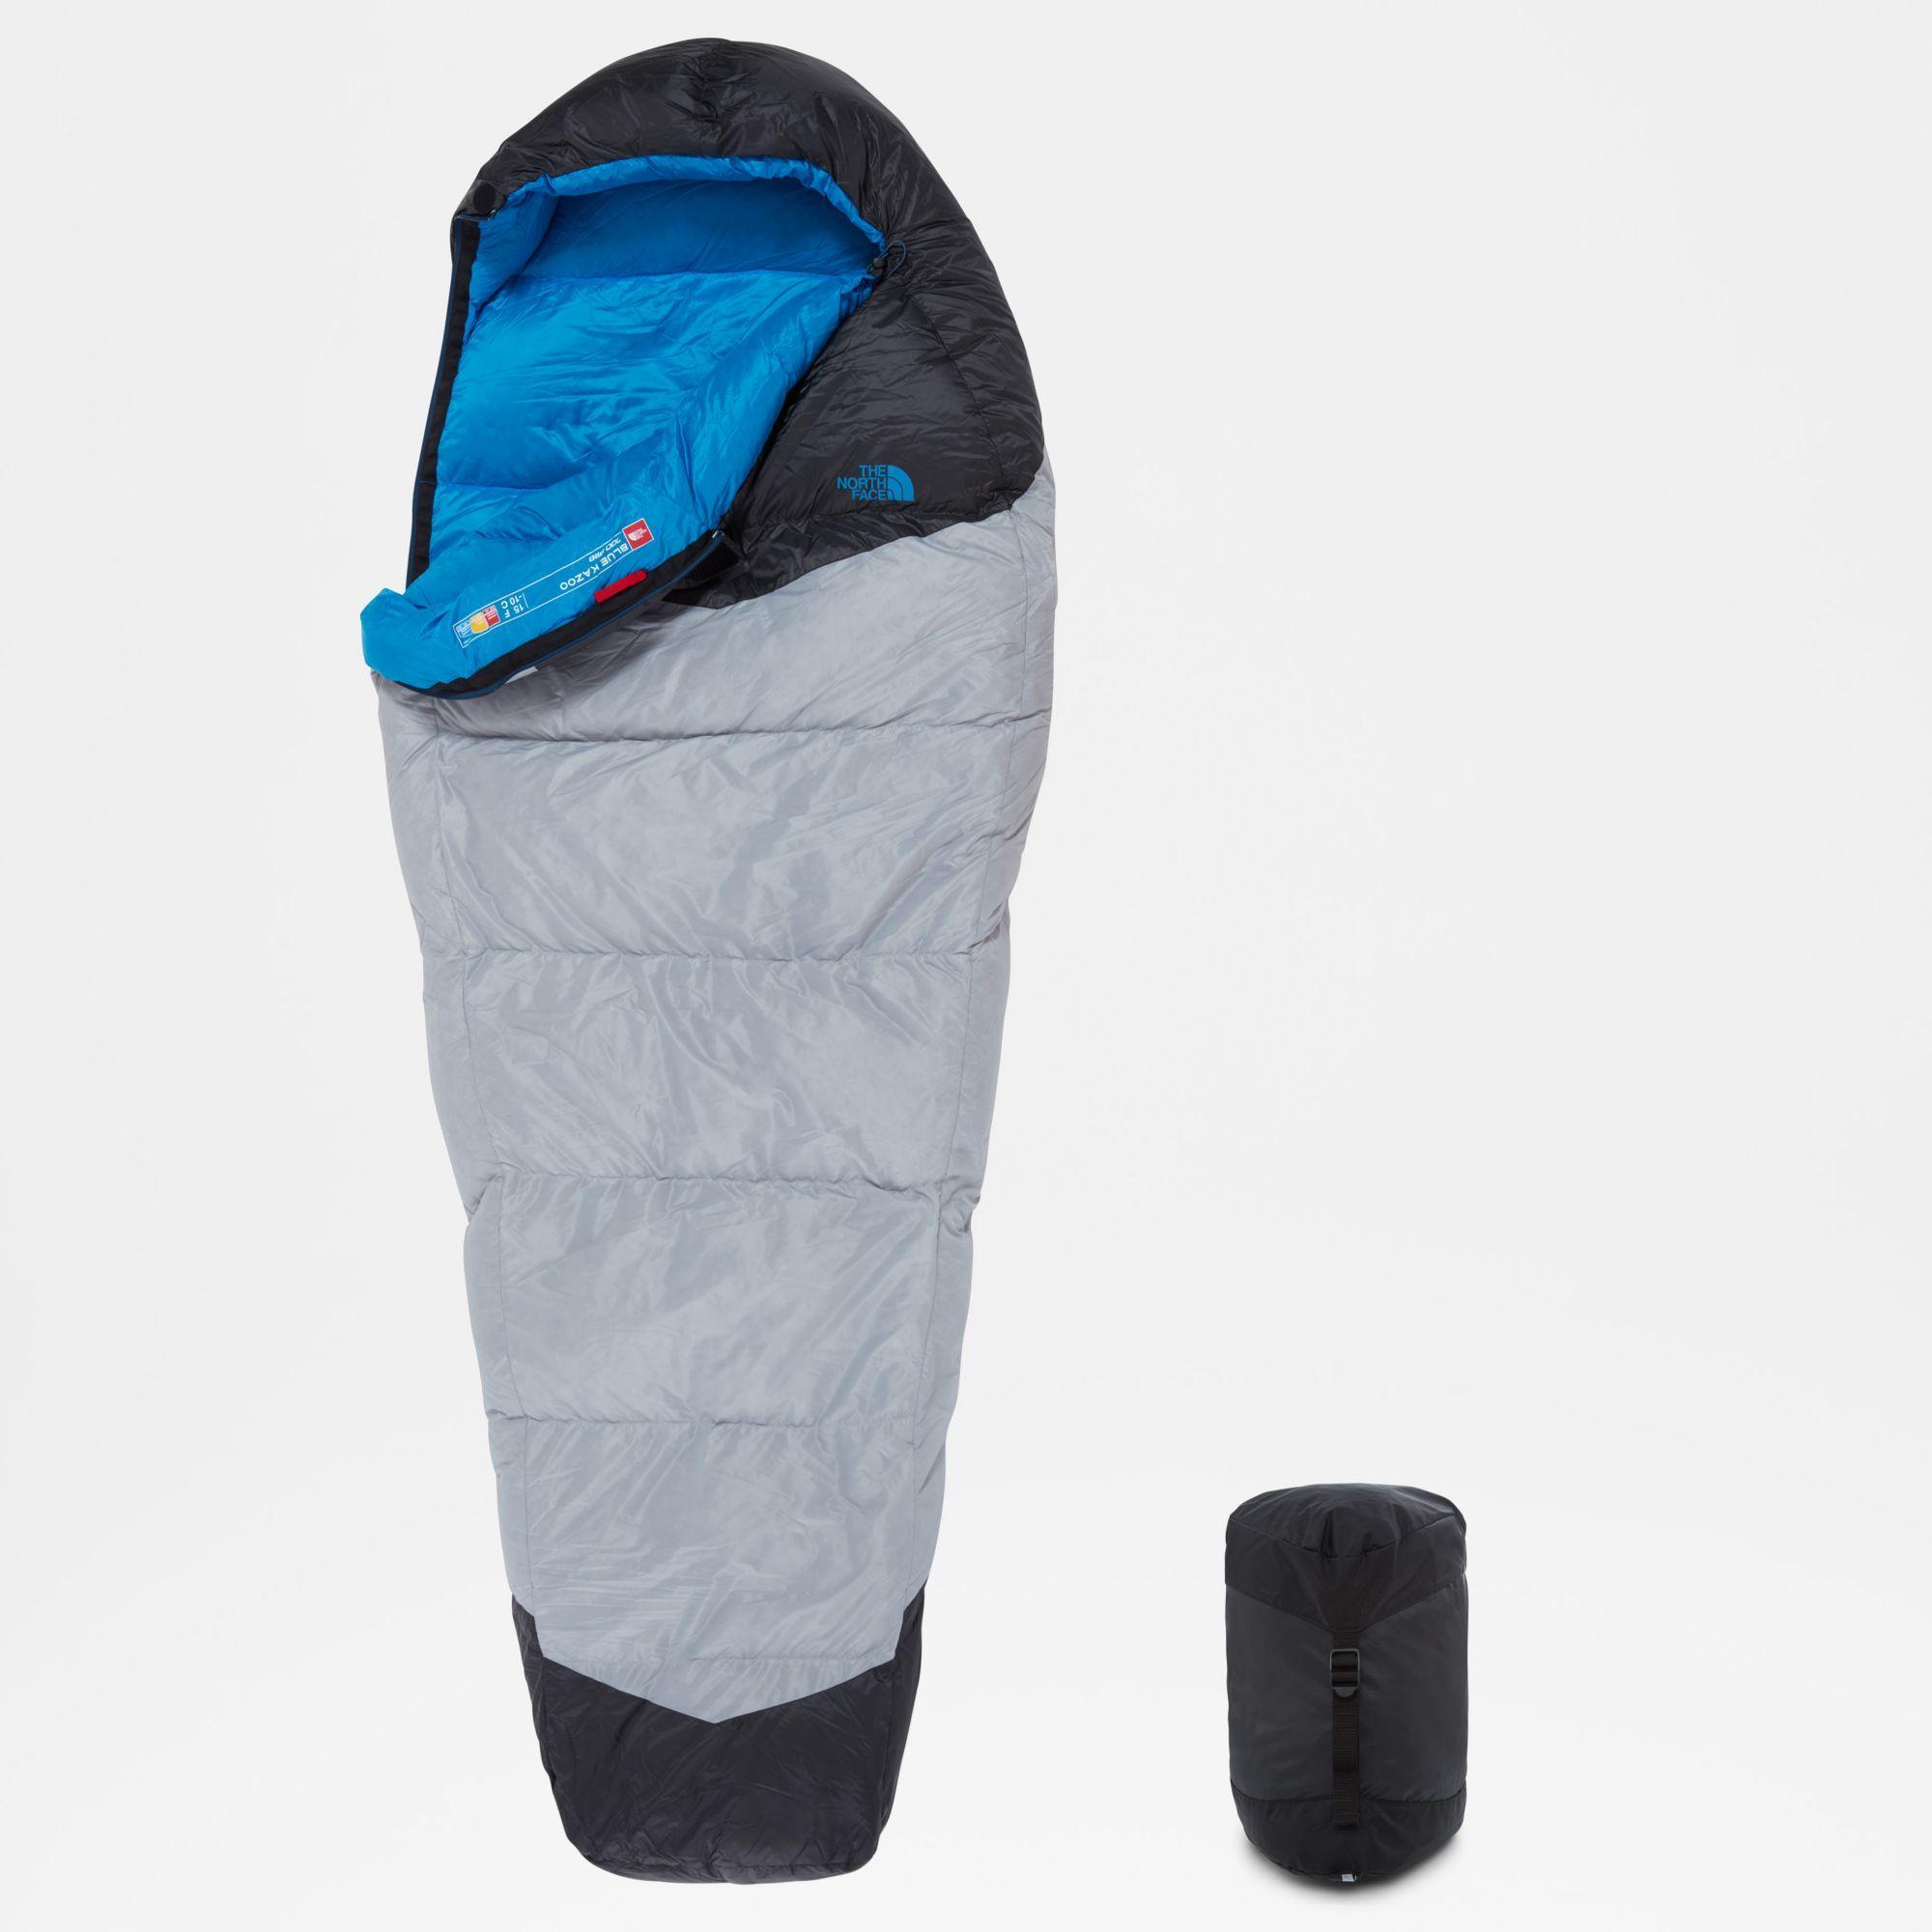 Sac De Couchage -9°c Blue Kazoo High Rise The North Face en coloris Gris